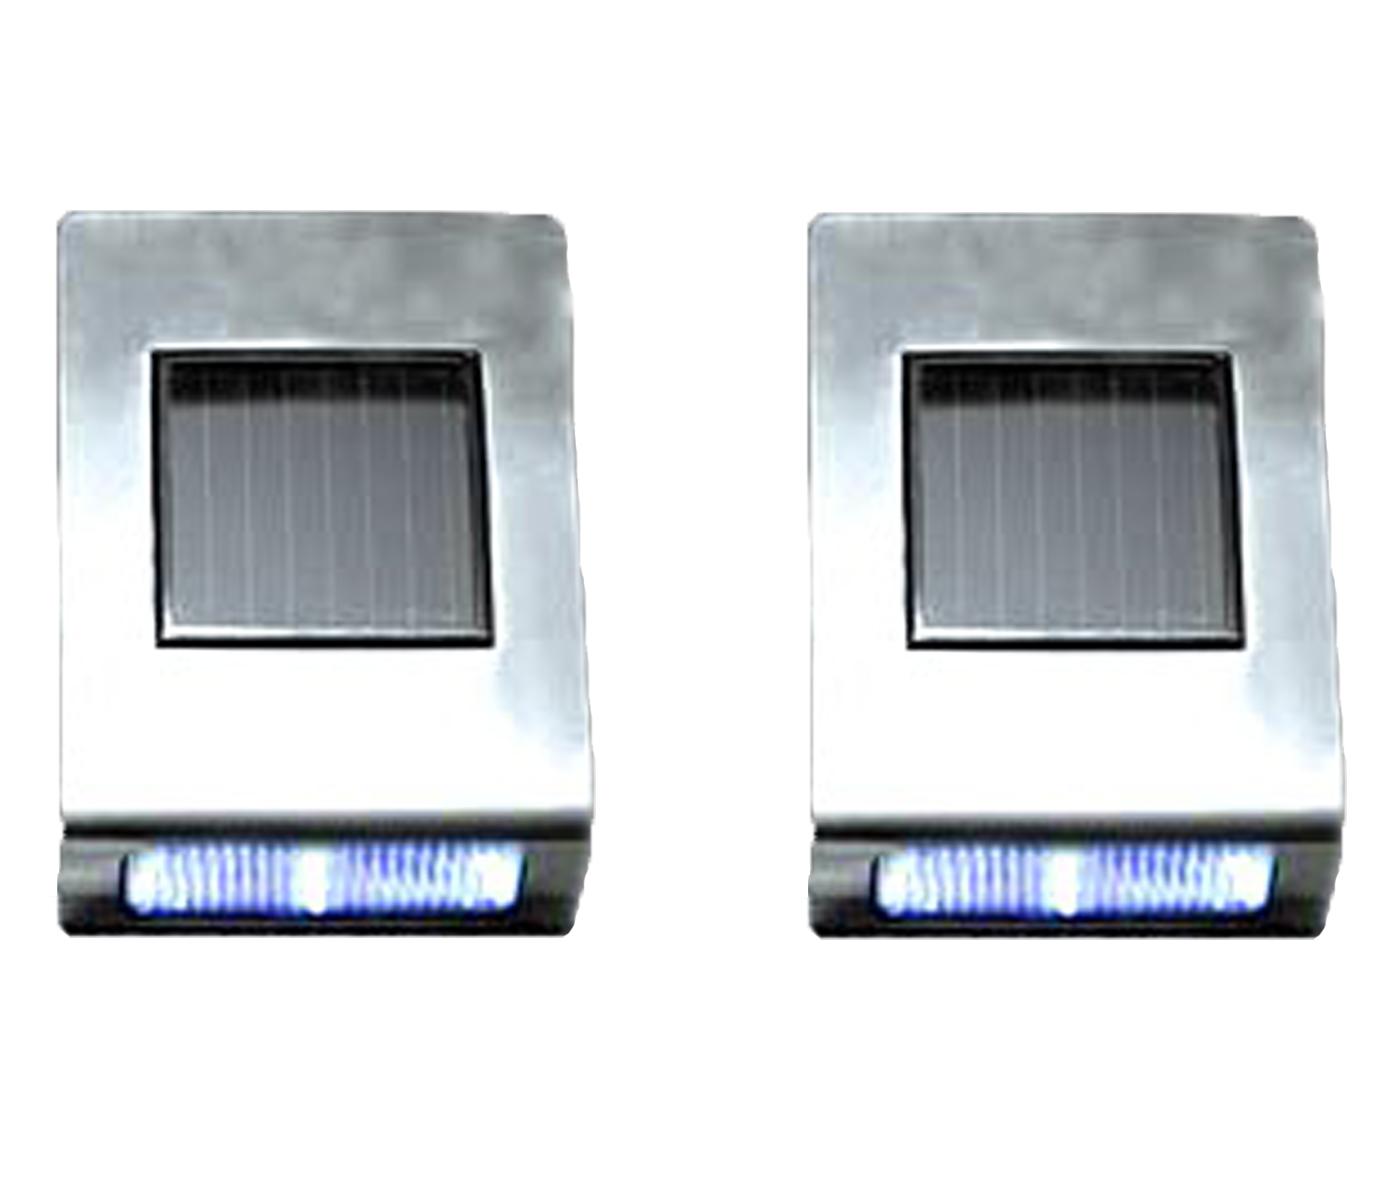 4 Pack Solar Wall Mount Stainless Steel Deck Lawn Garden Walkway Landscape Light eBay